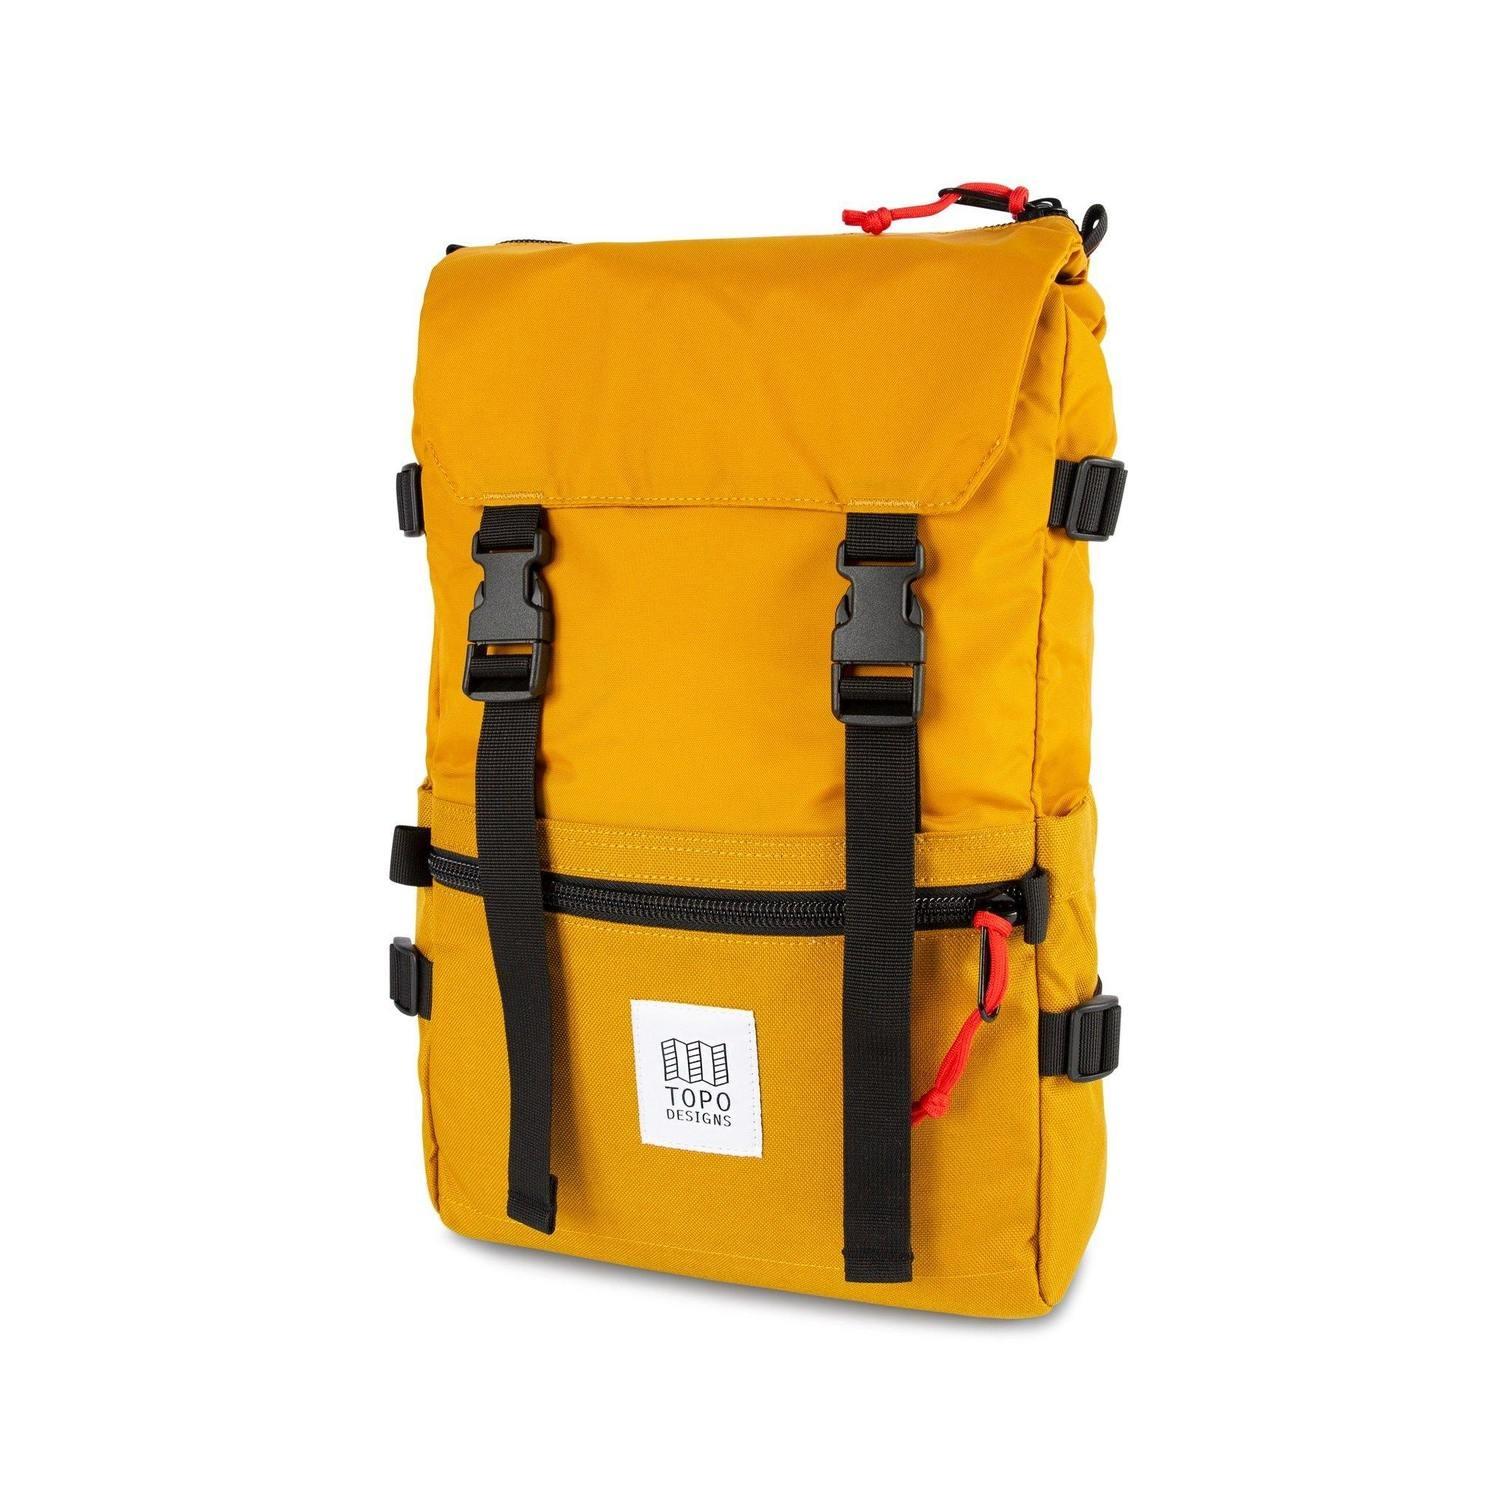 Topo Designs TOPO - Rover Pack Classic (Mustard)